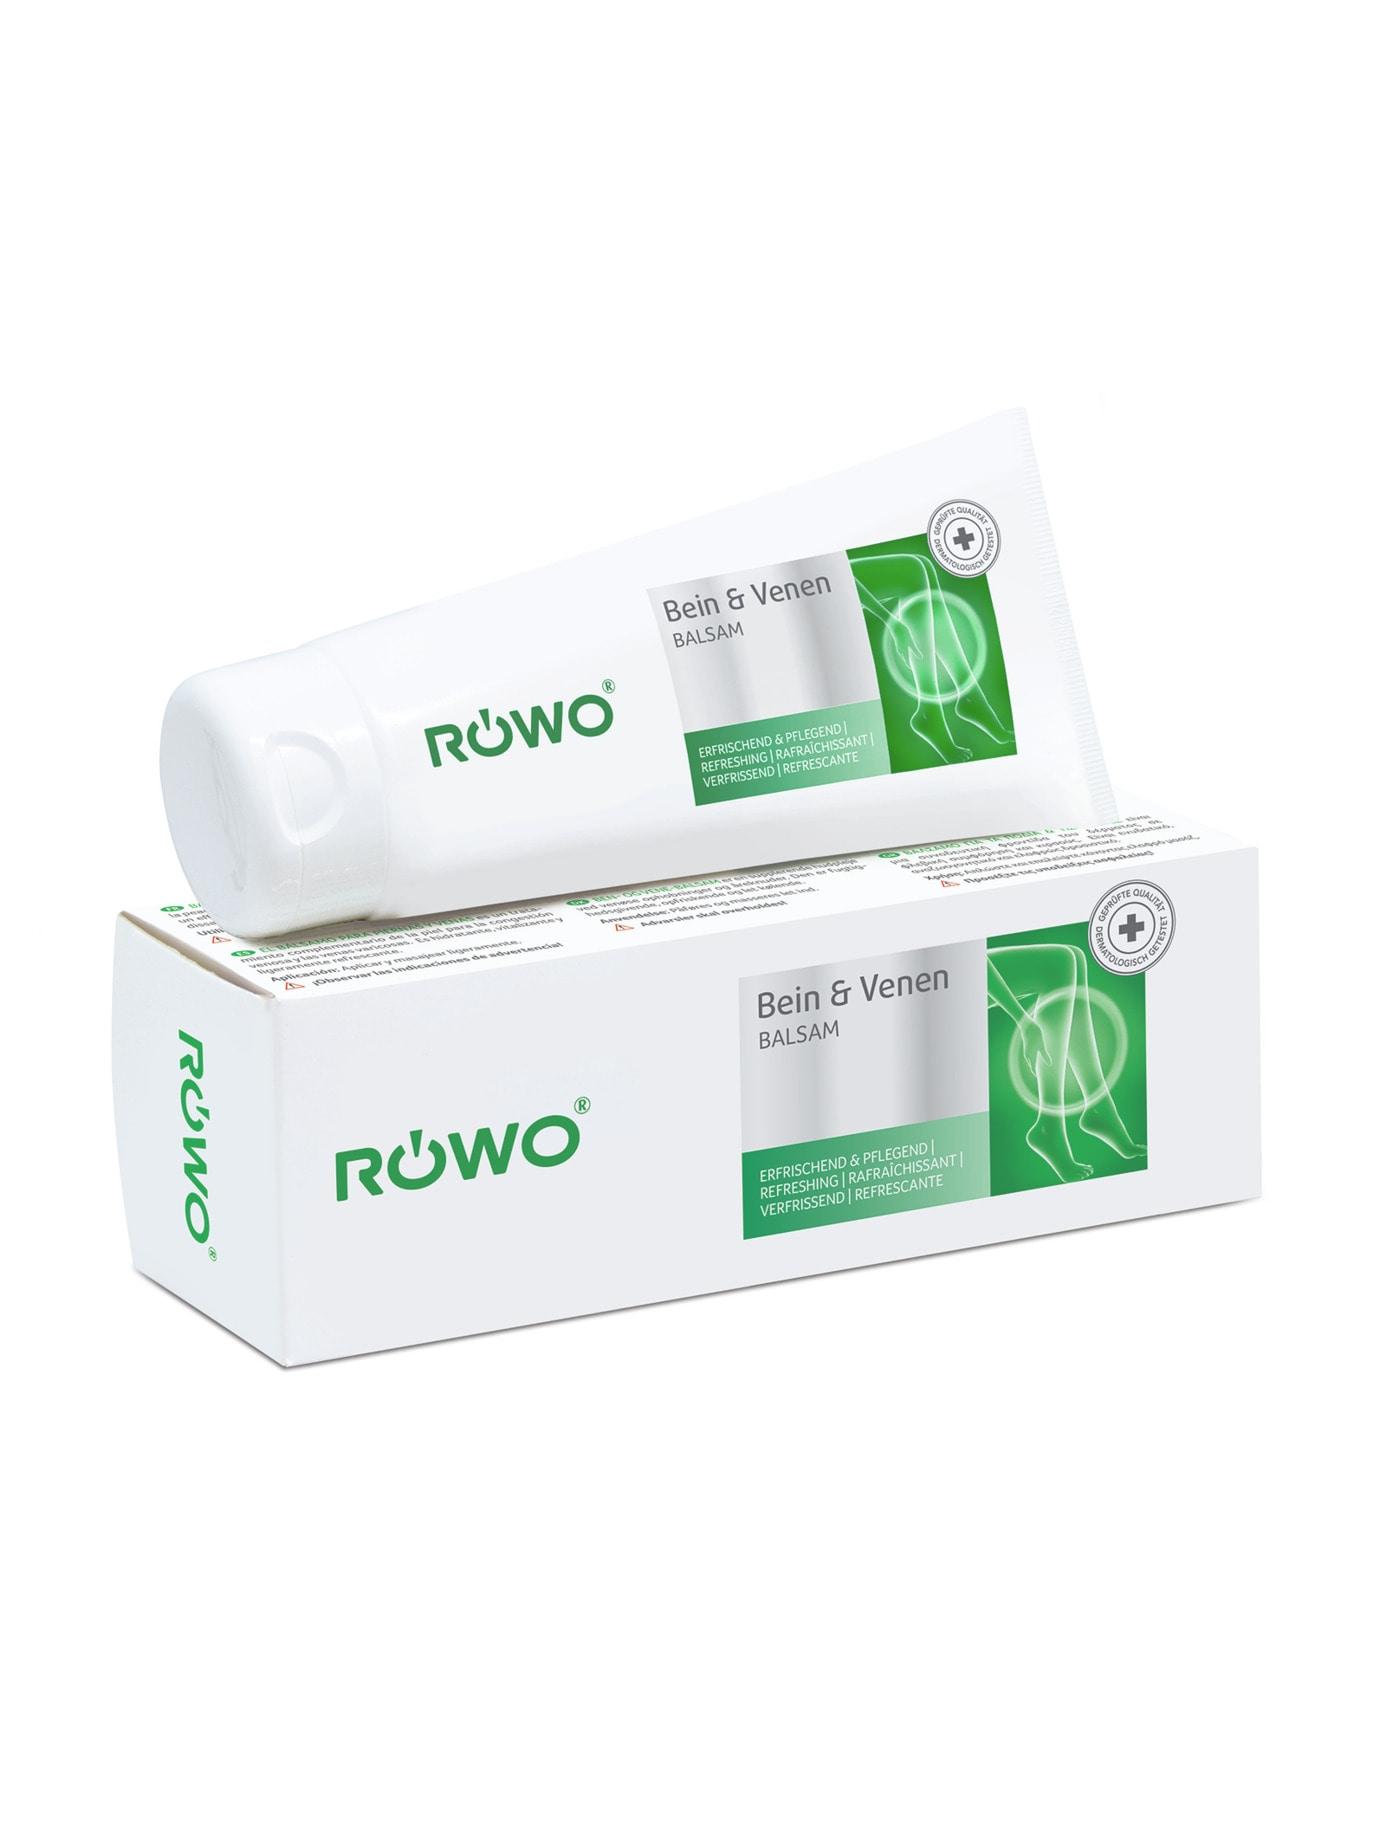 Avena Herren Röwo-Bein- und Venen-Balsam 2St. Weiß 62-0287-5